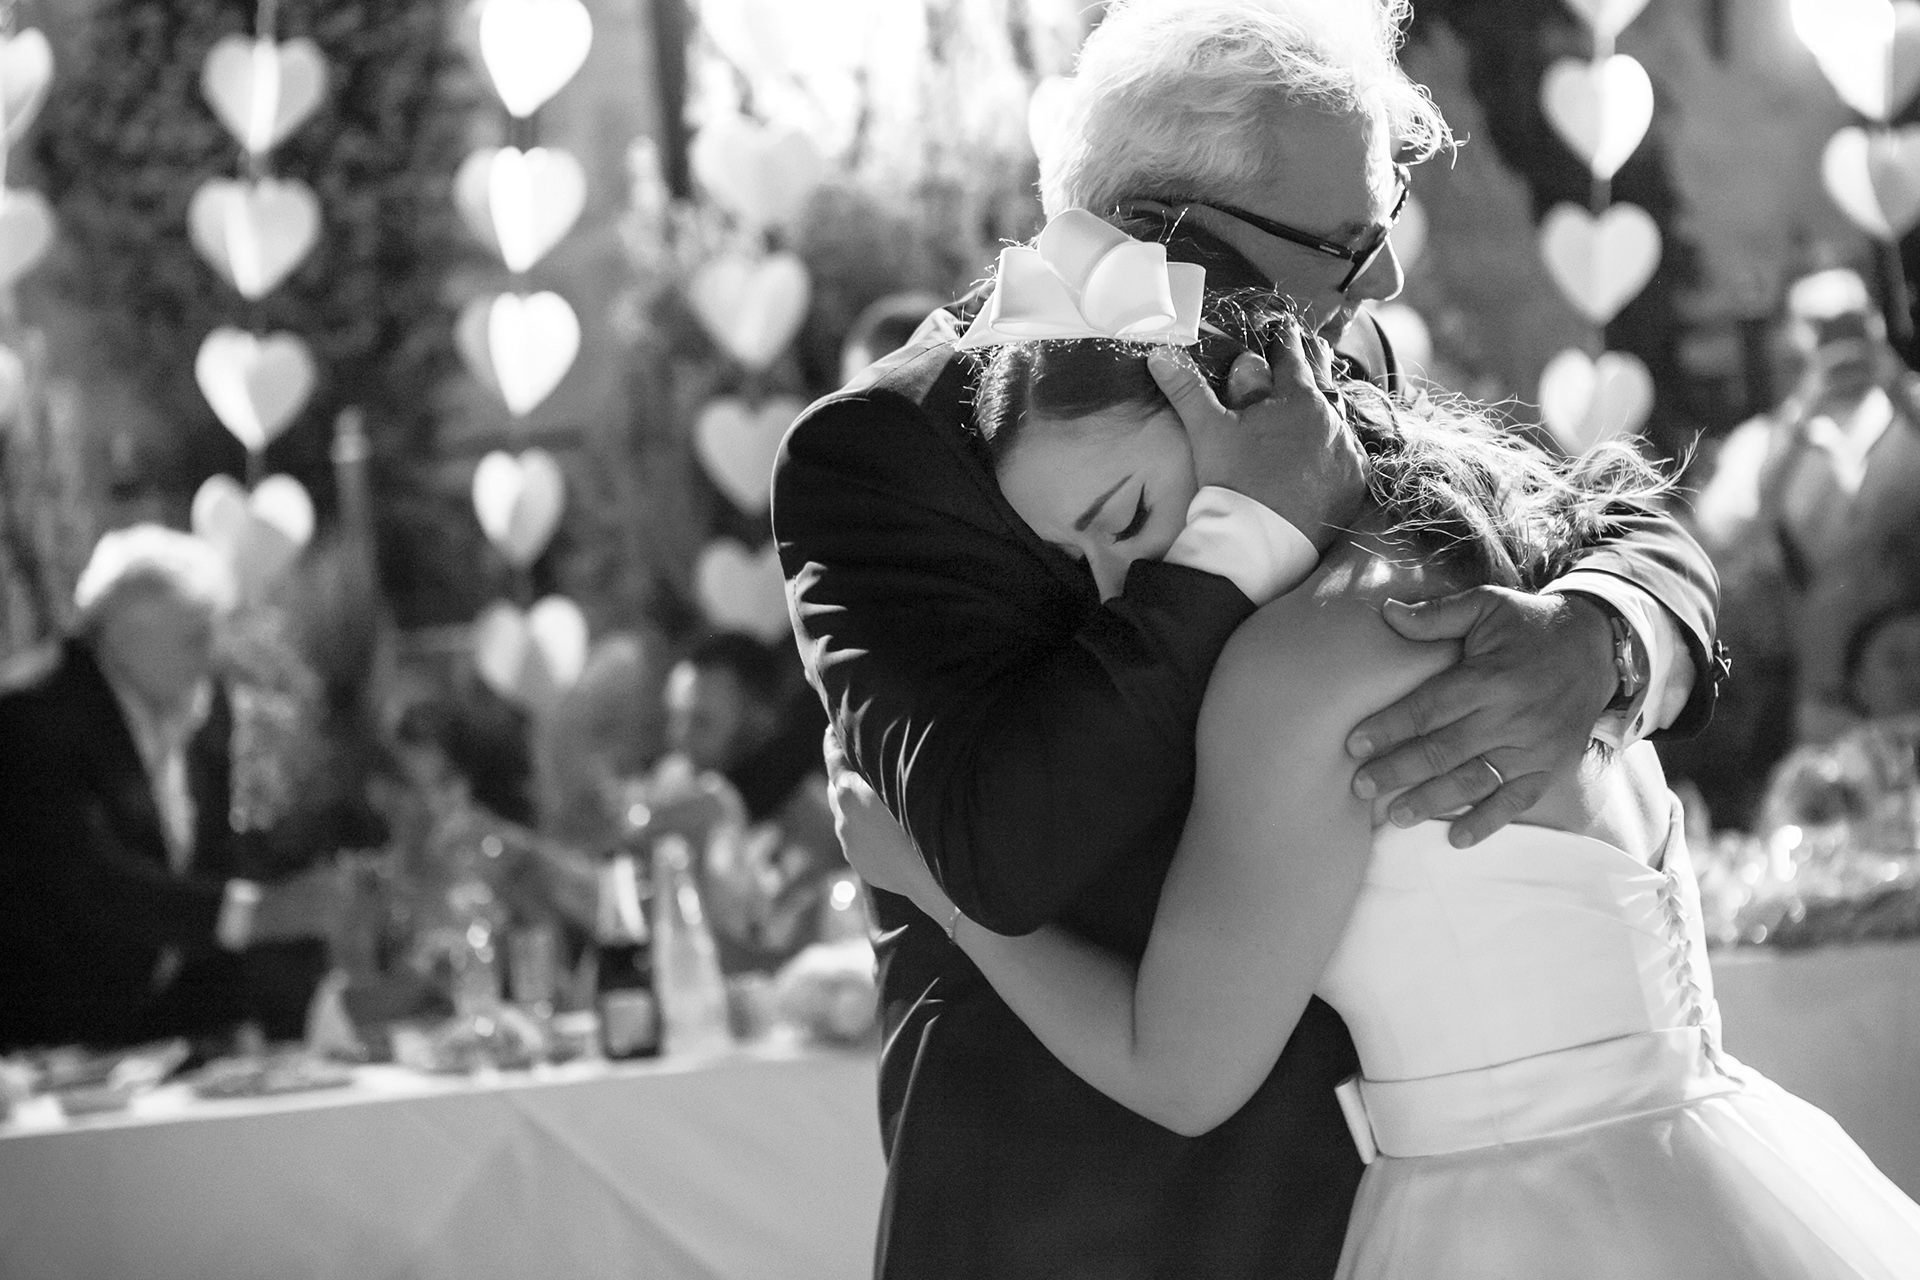 Hochzeitsfotografie von Vater Daughter - Emotional werden während des Tanzes